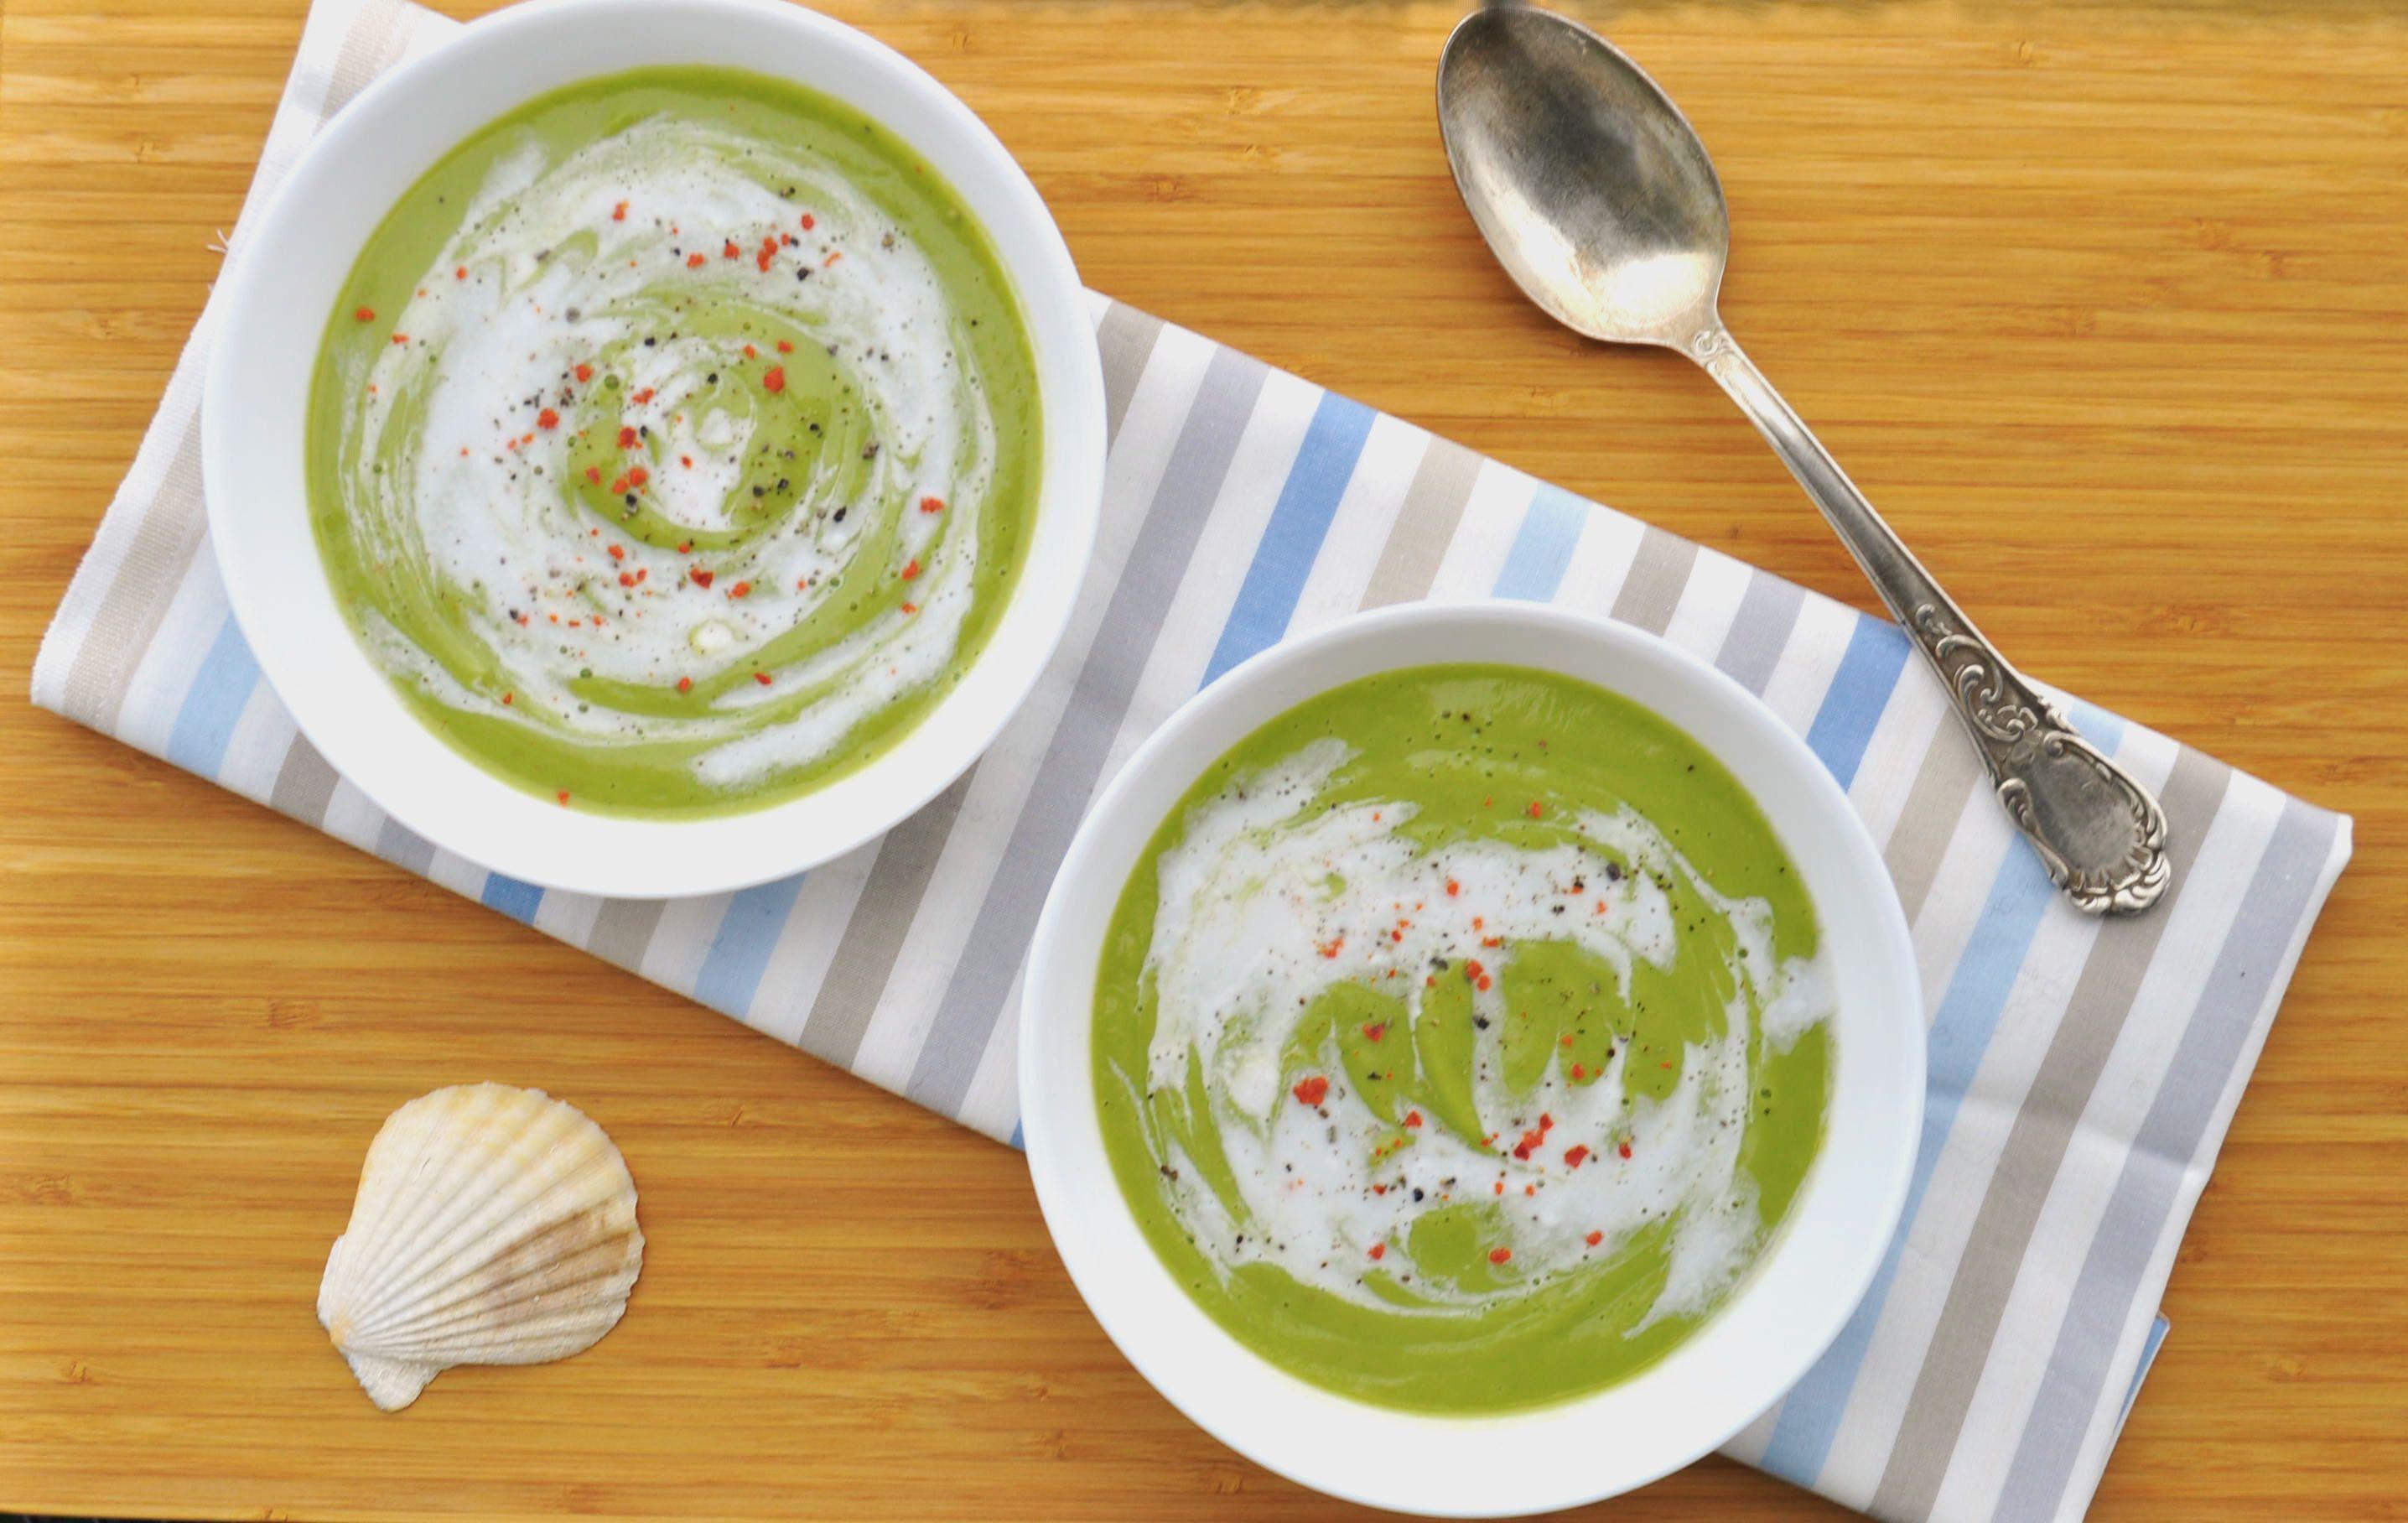 Vegan Broccoli and Lime Soup